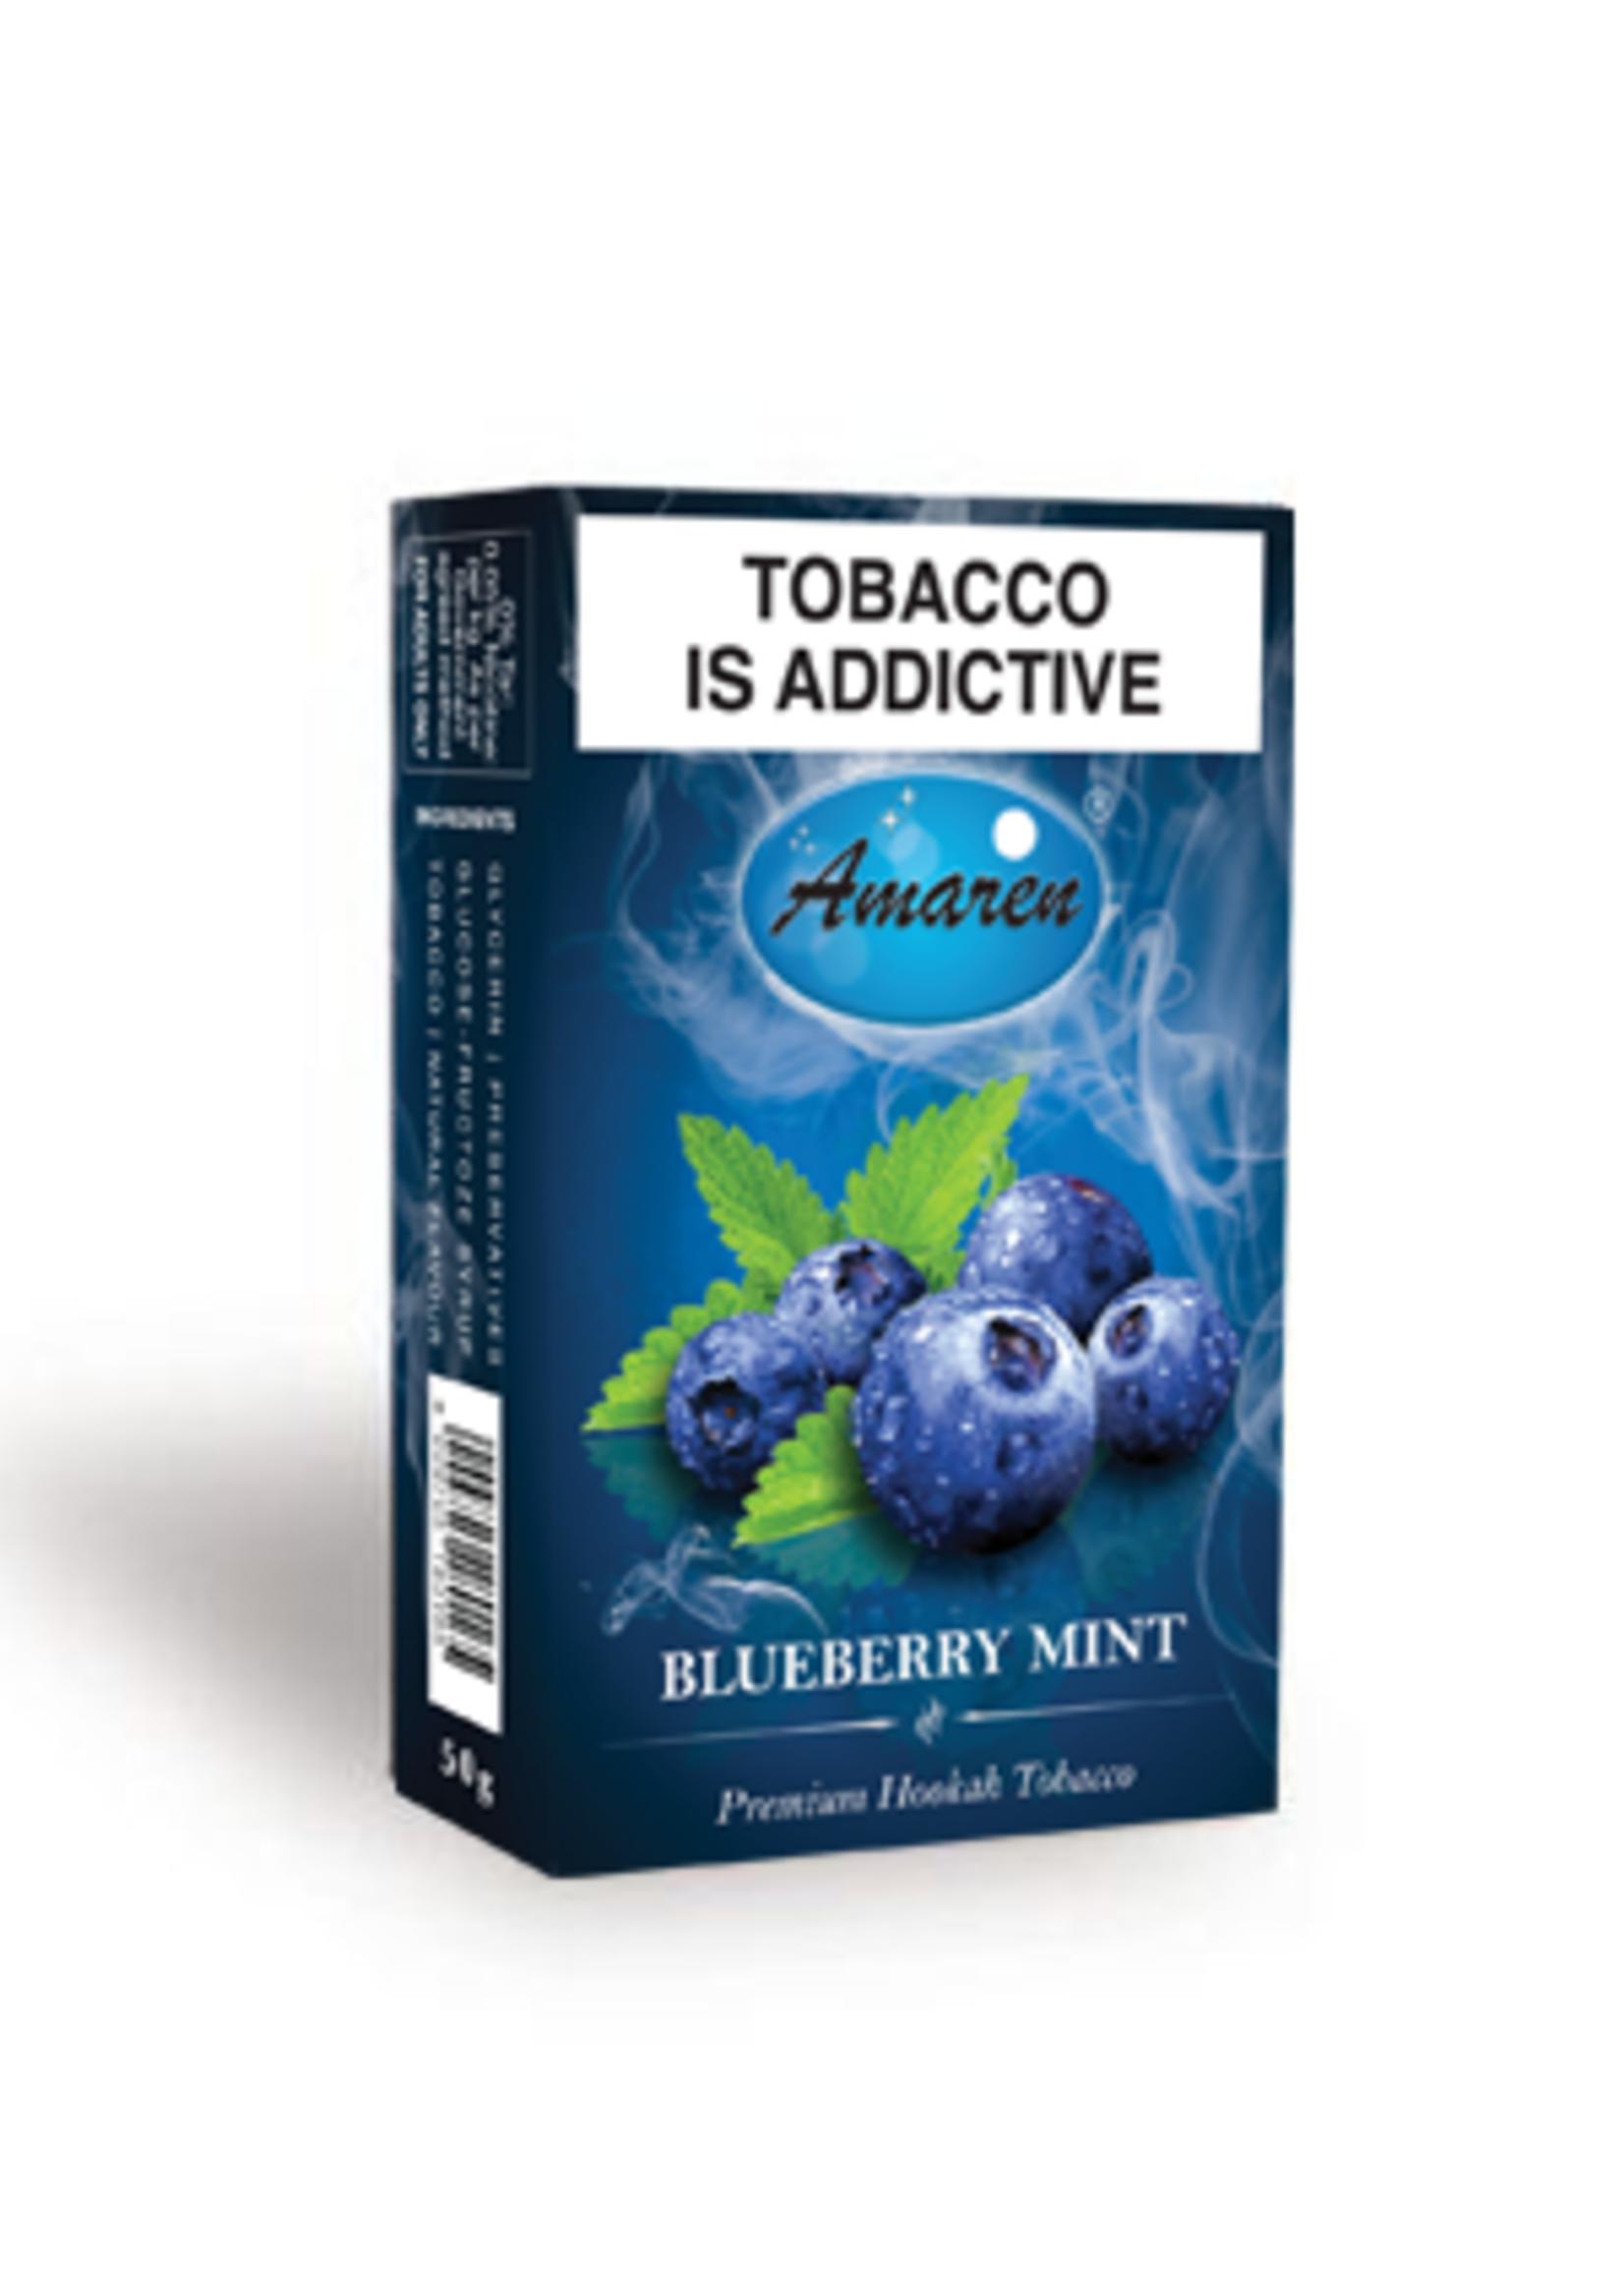 Amaren hubbly flavour - blueberry mint